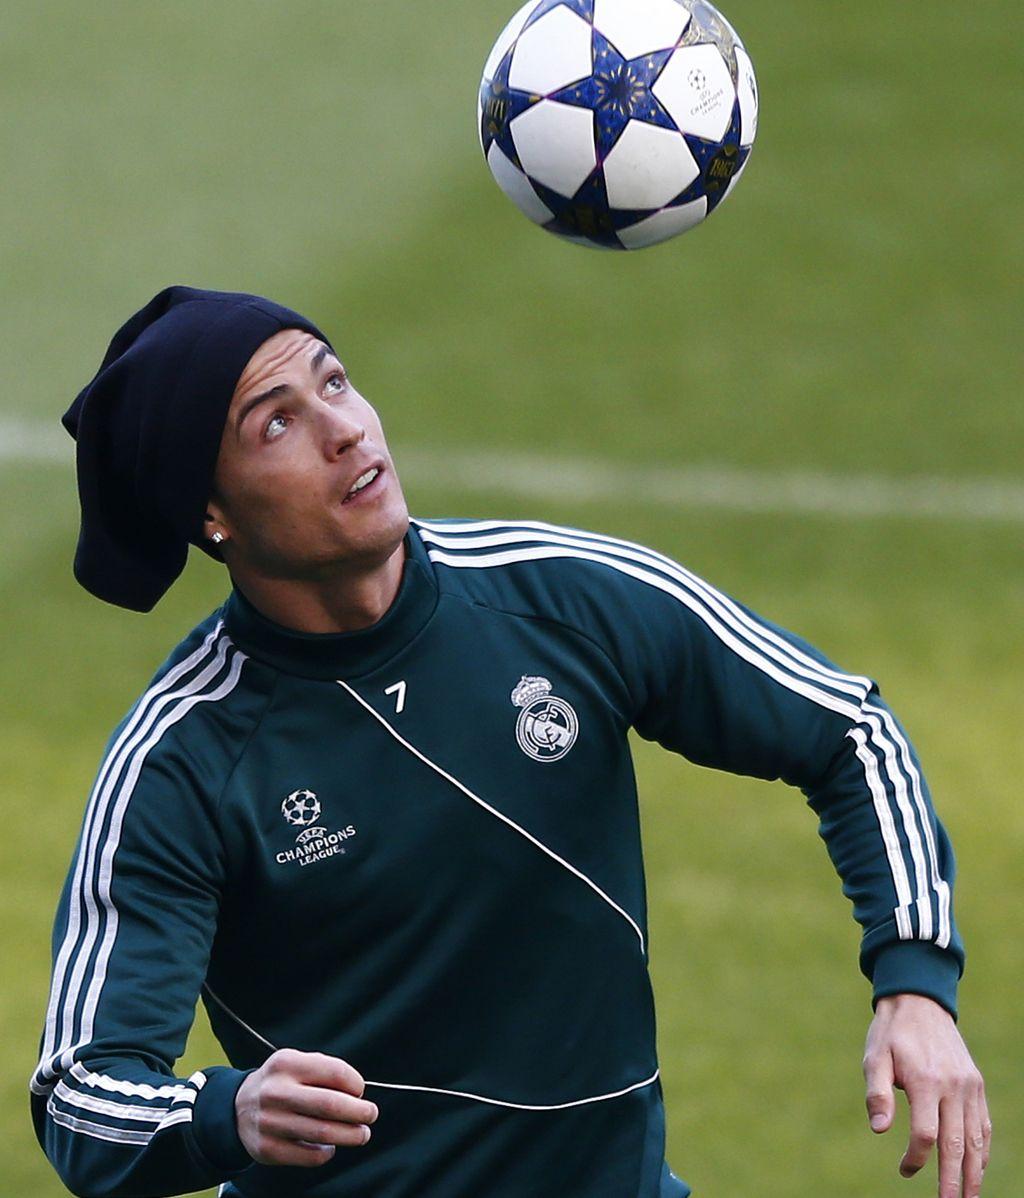 El delantero portugués del Real Madrid, Cristiano Ronaldo, controla el balón durante el entrenamiento del equipo en el estadio Old Trafford de Manchester